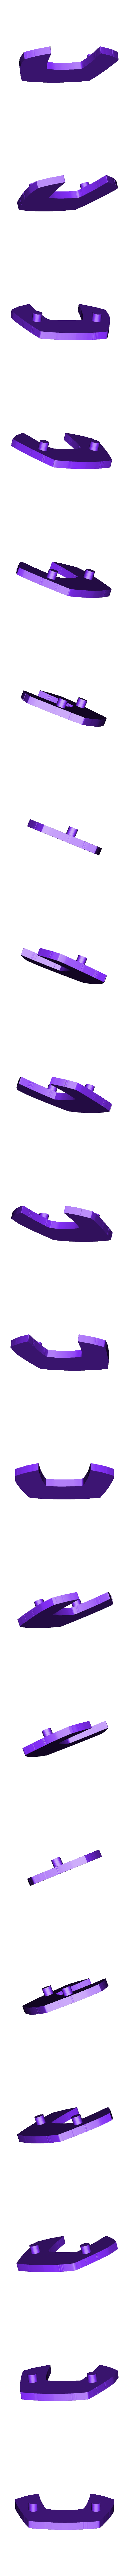 frente.stl Télécharger fichier STL gratuit Détenteur d'un téléphone portable Iron Man • Design pour impression 3D, Aslan3d